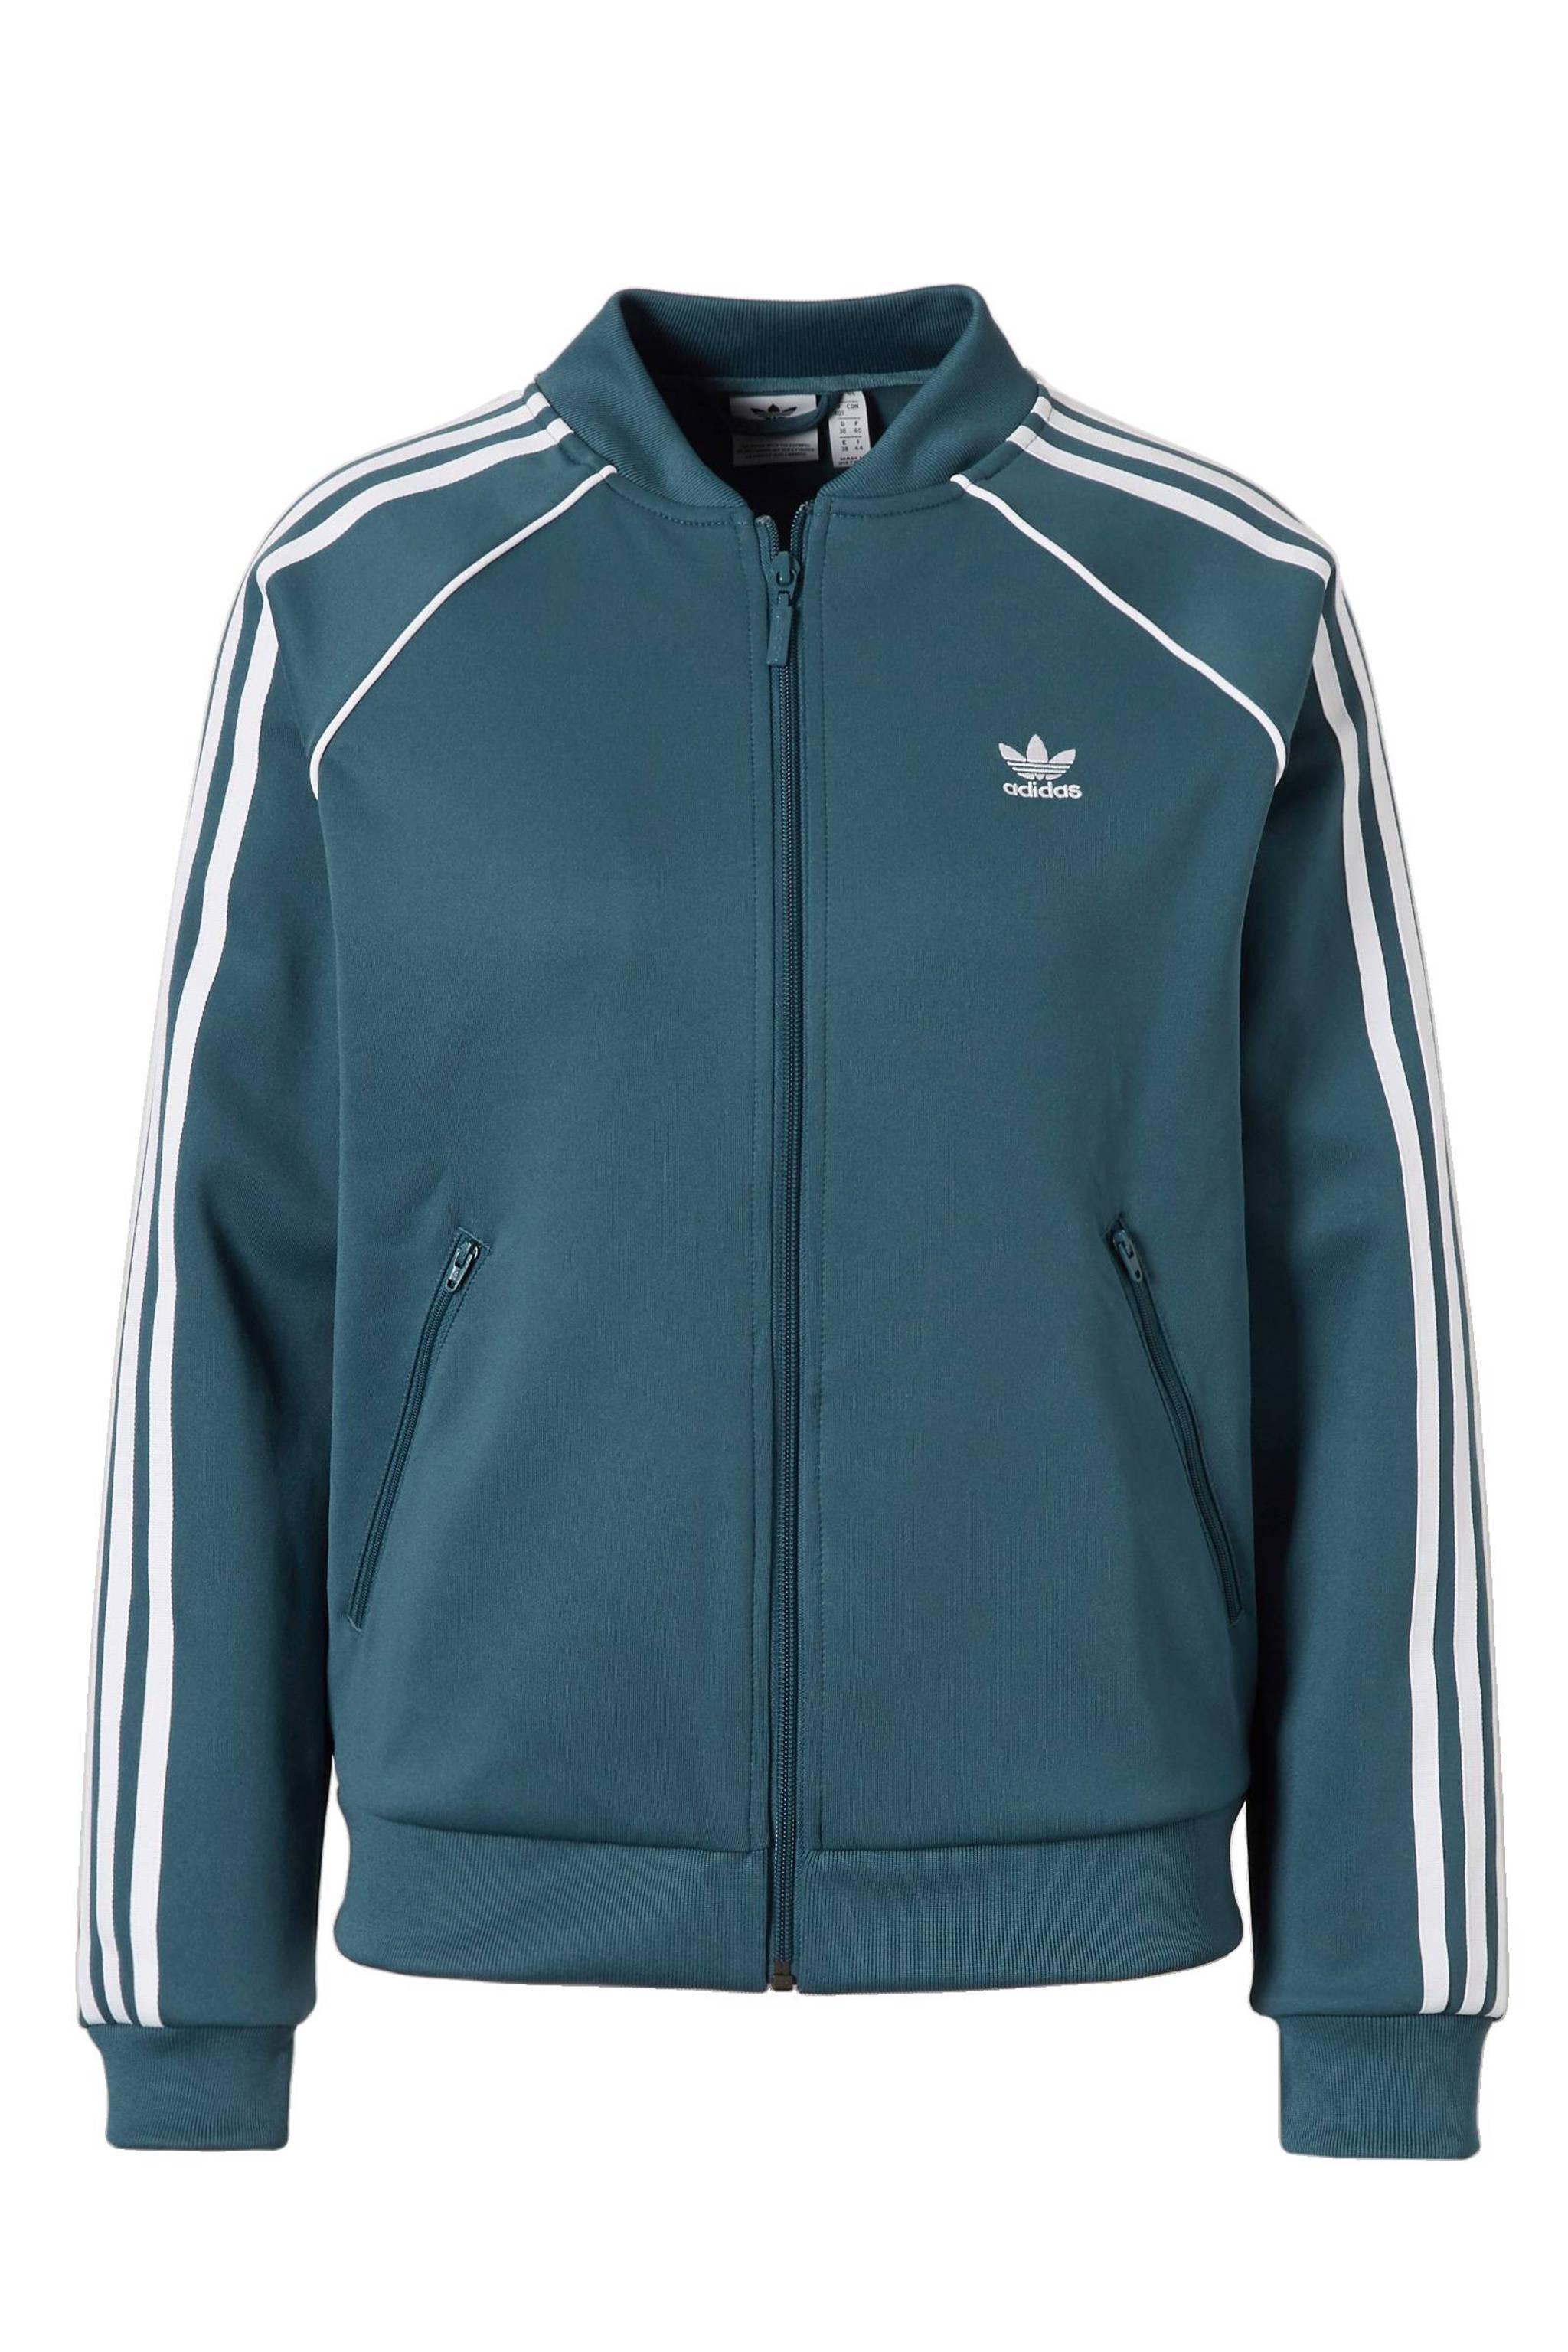 73866d7c51a adidas originals vest | wehkamp